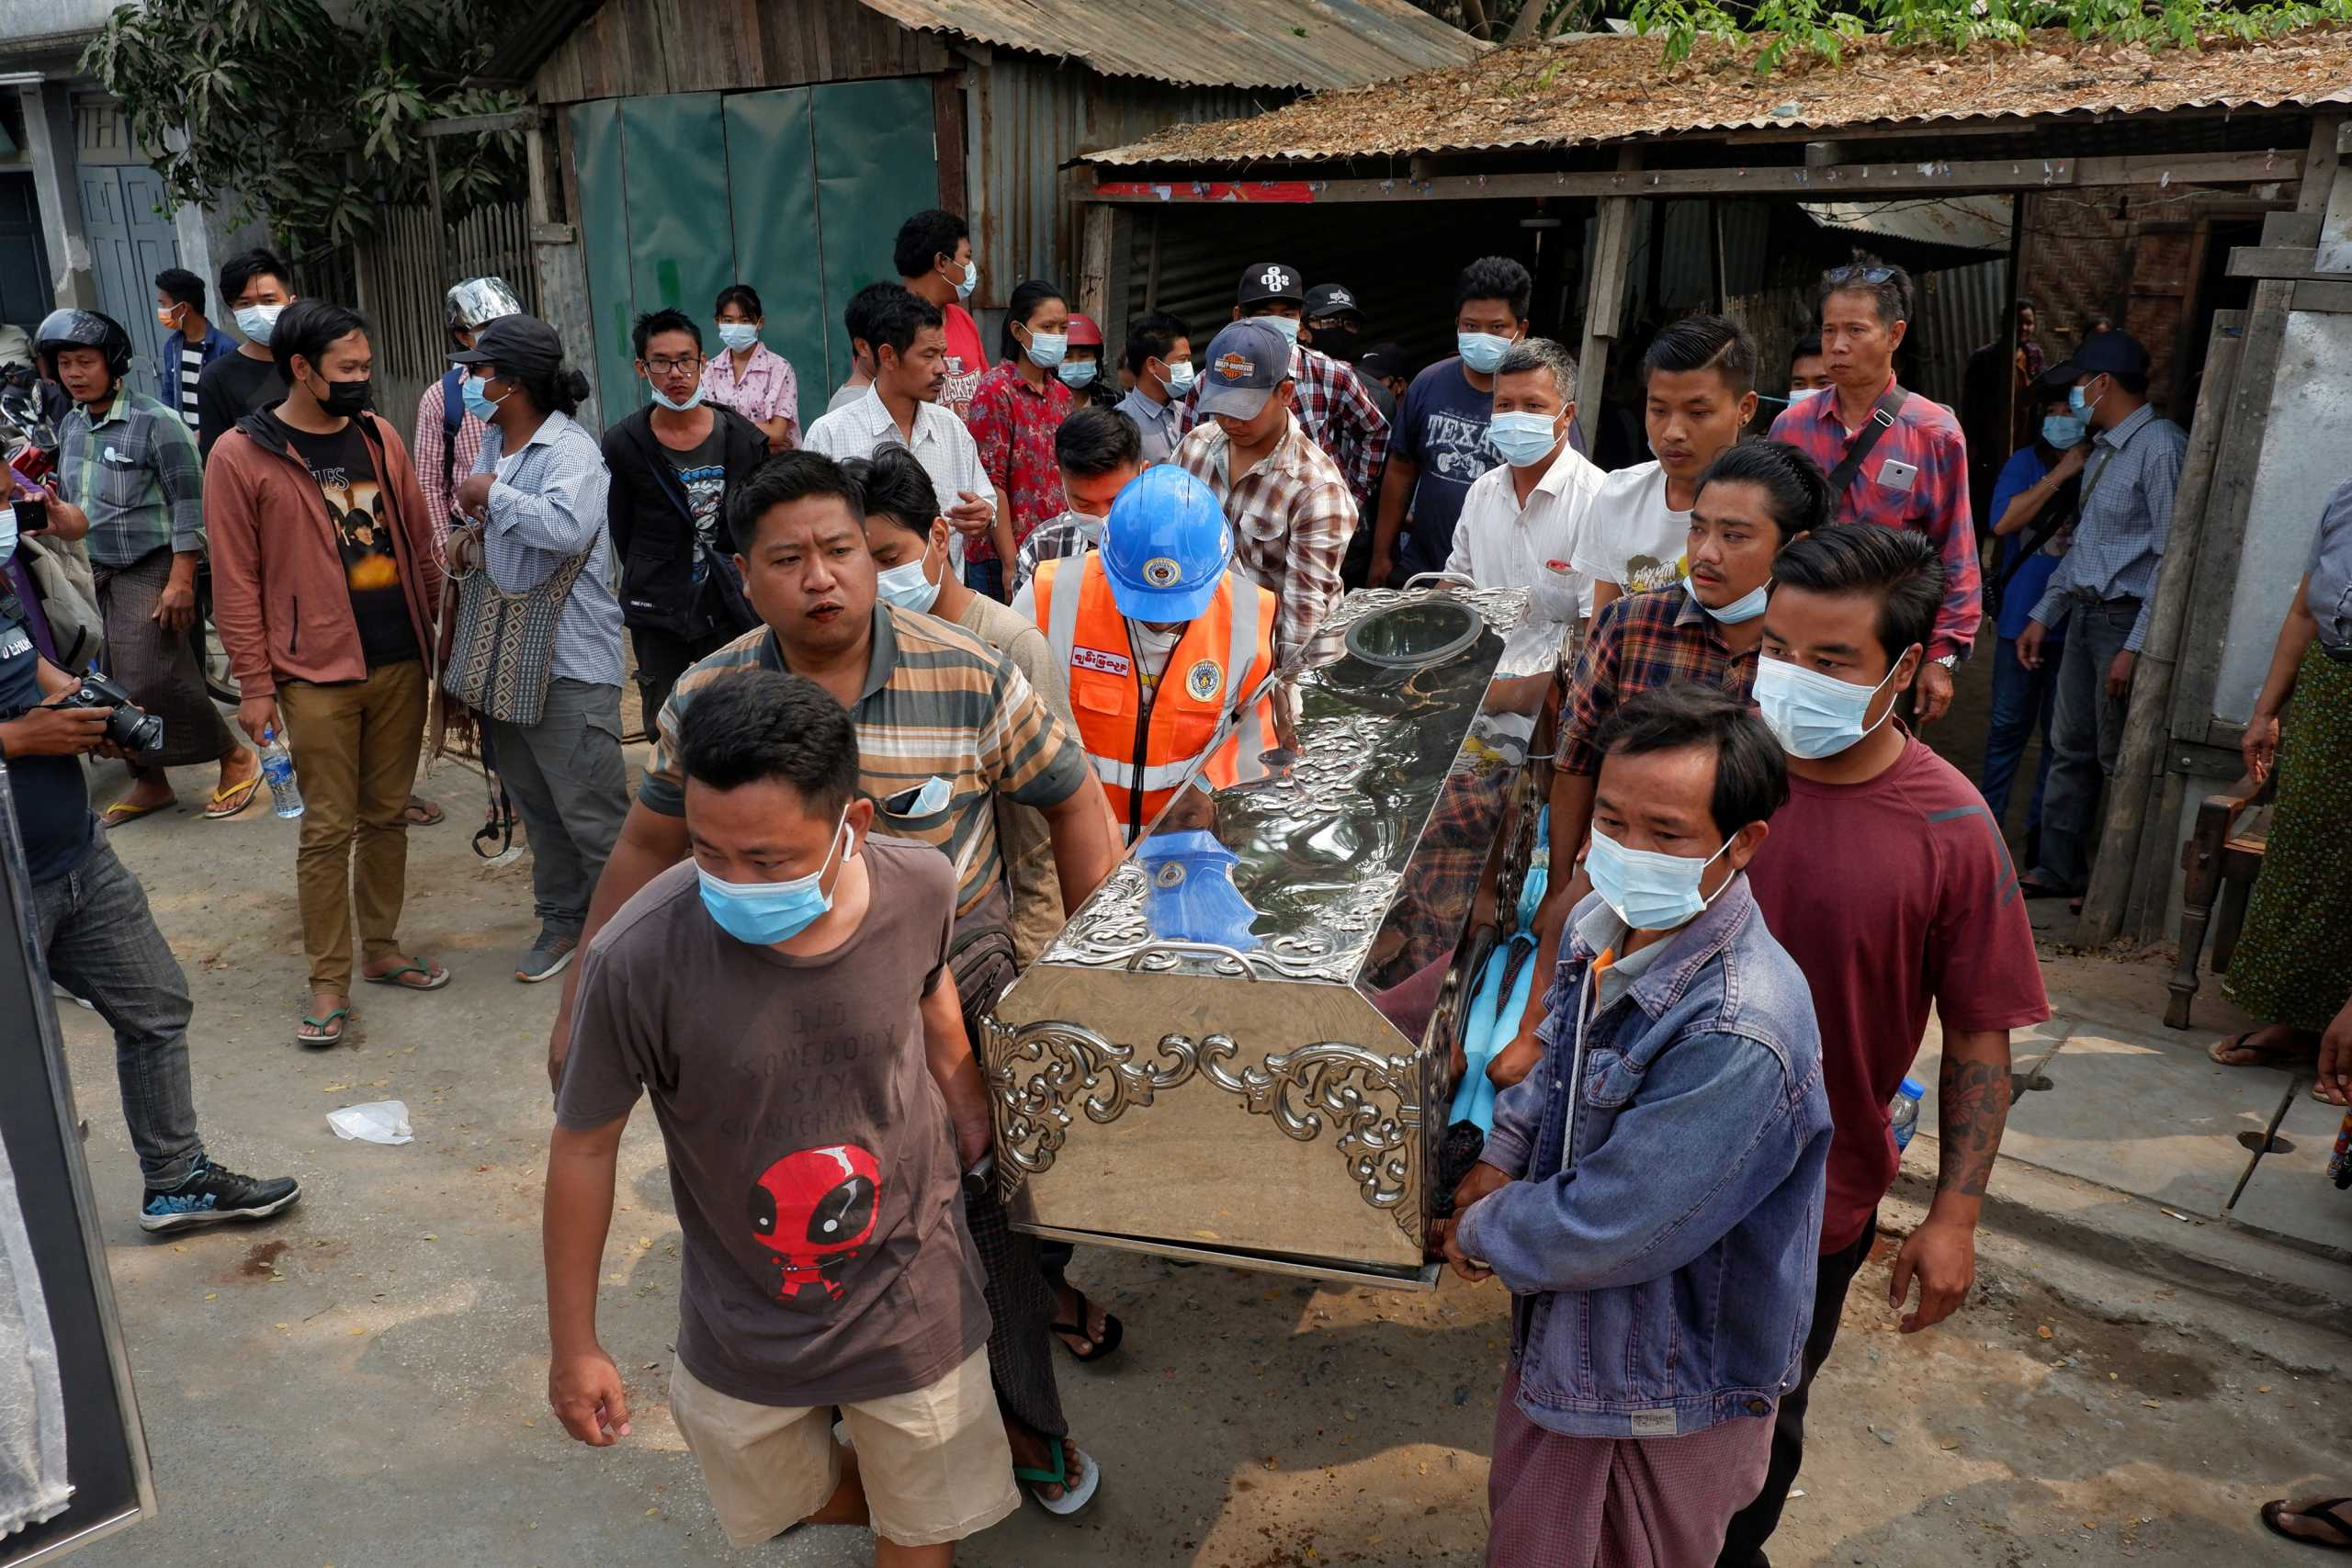 Πραξικόπημα Μιανμάρ: «Λουτρό αίματος» στην Ρανγκούν – ΟΗΕ και ΗΠΑ καταδικάζουν τη βία κατά των διαδηλωτών (pics, vids)